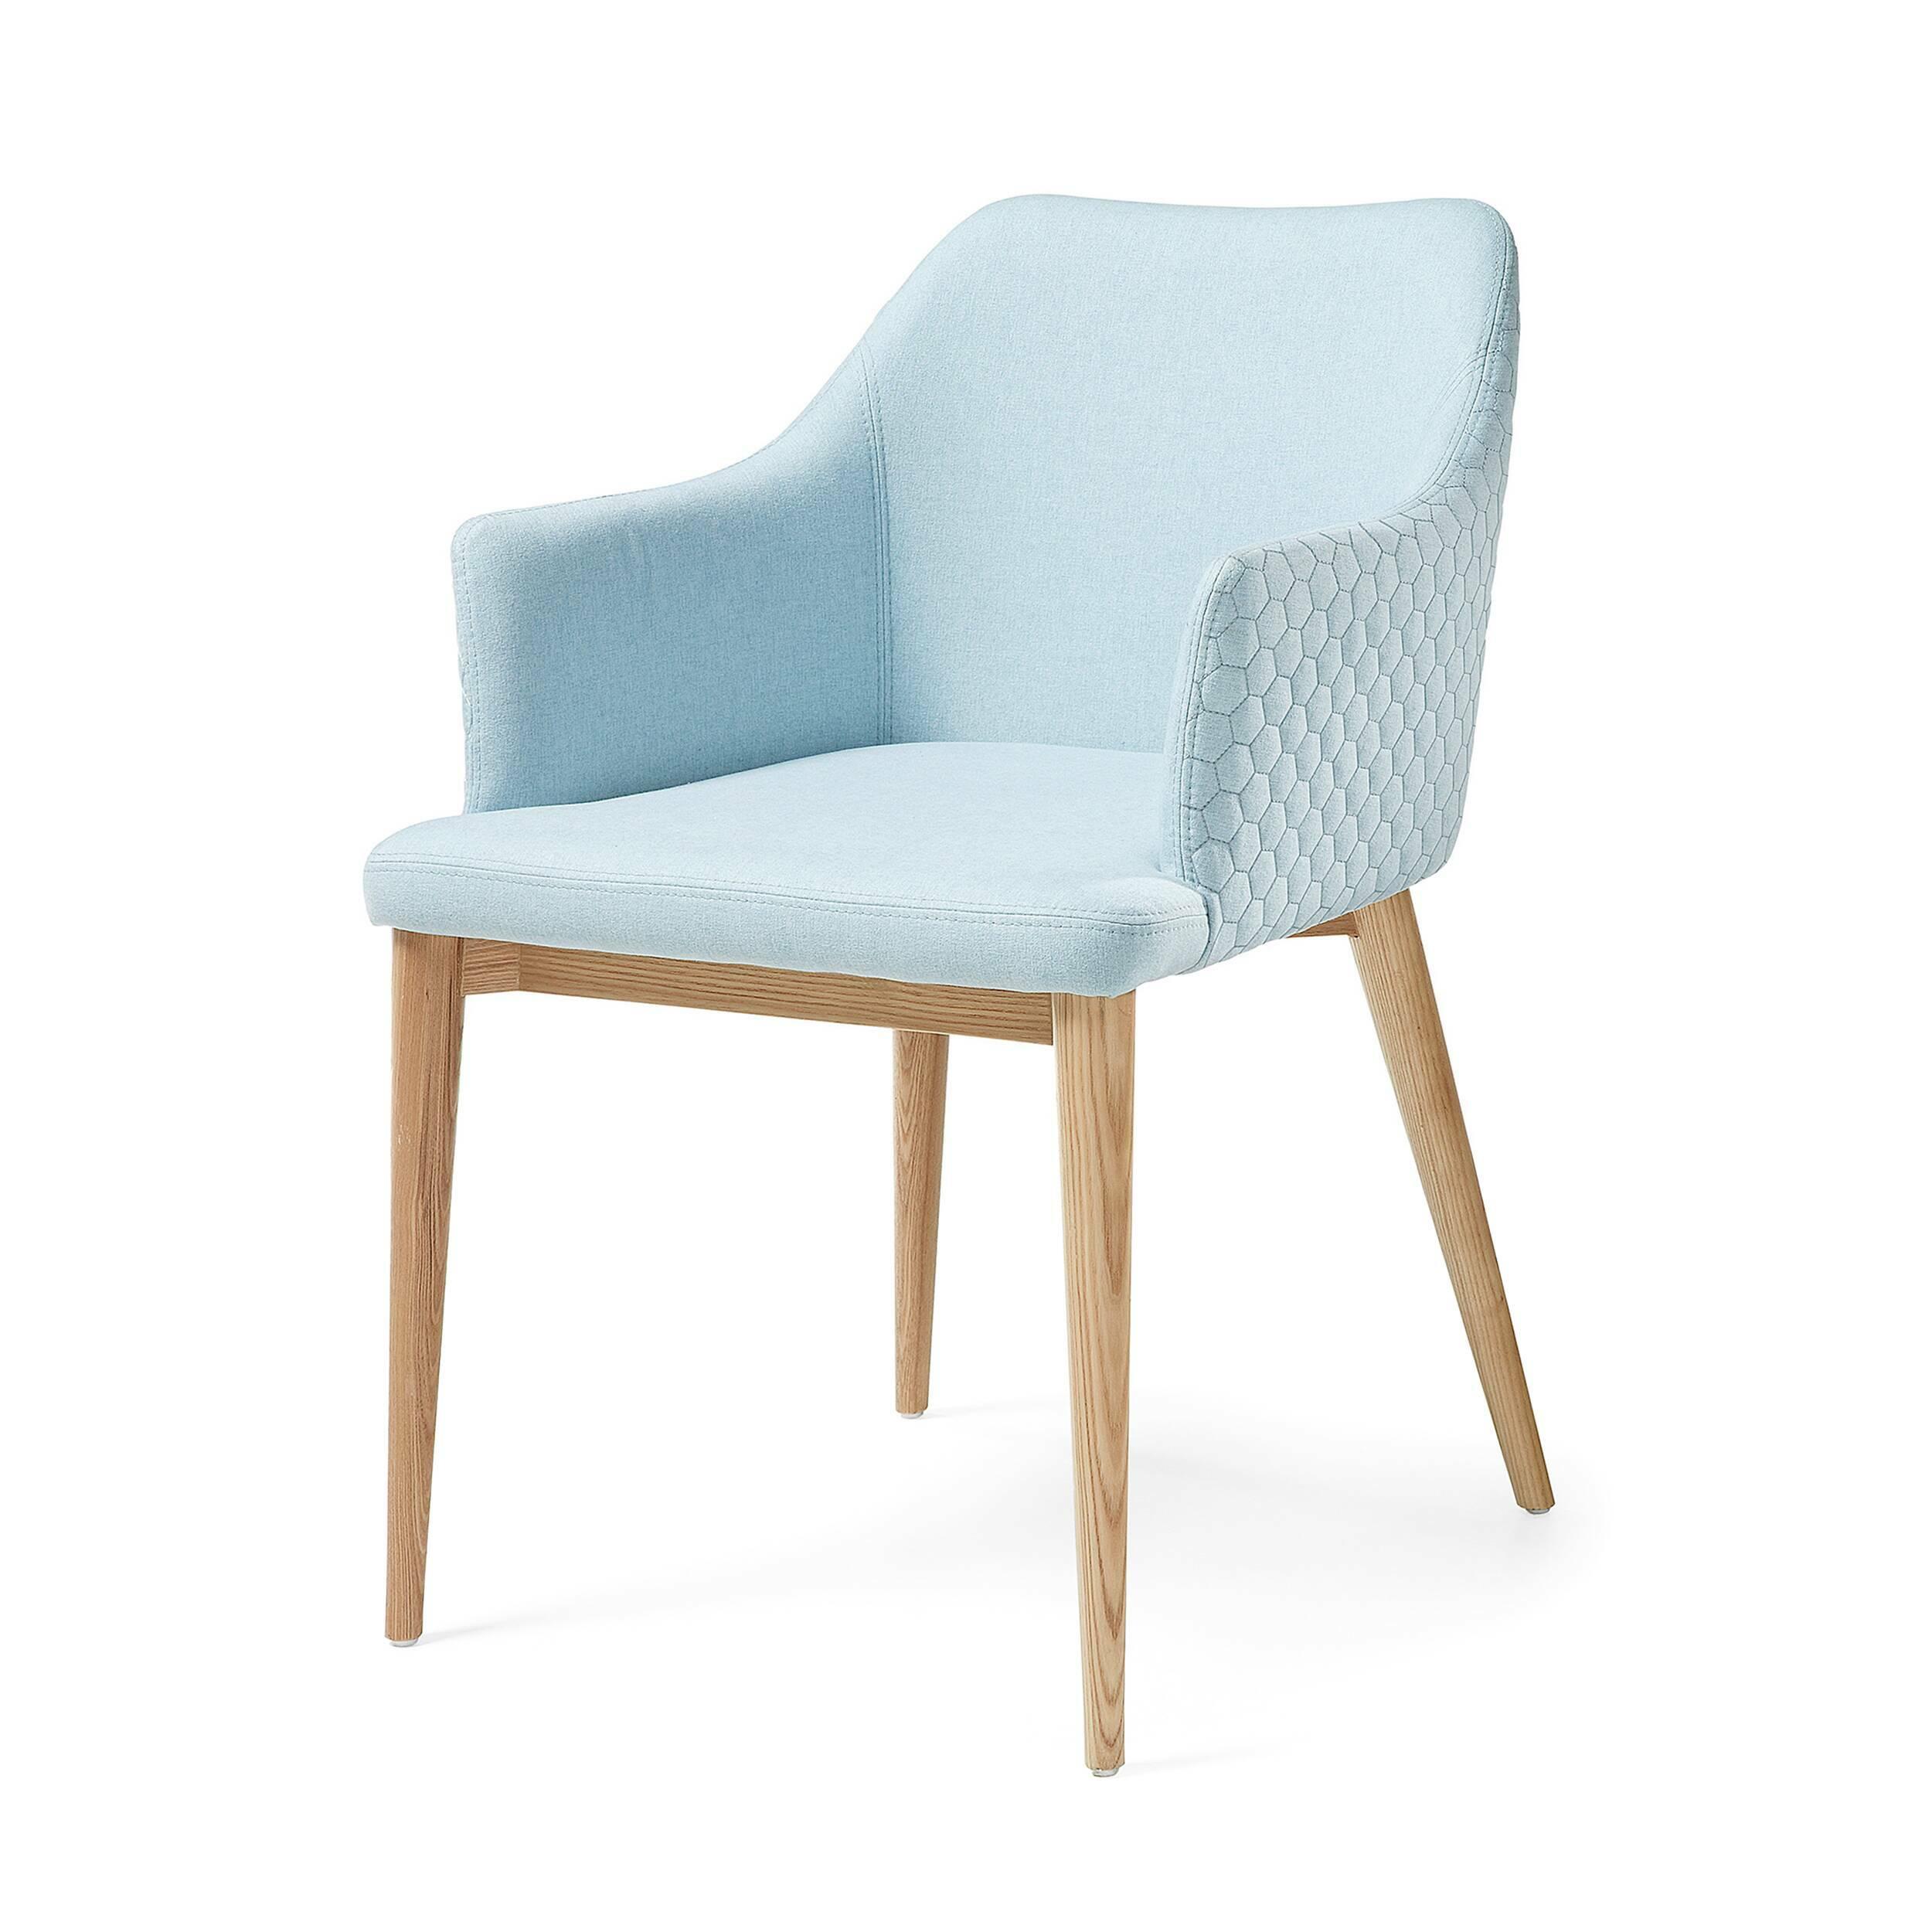 Кресло Danai голубое